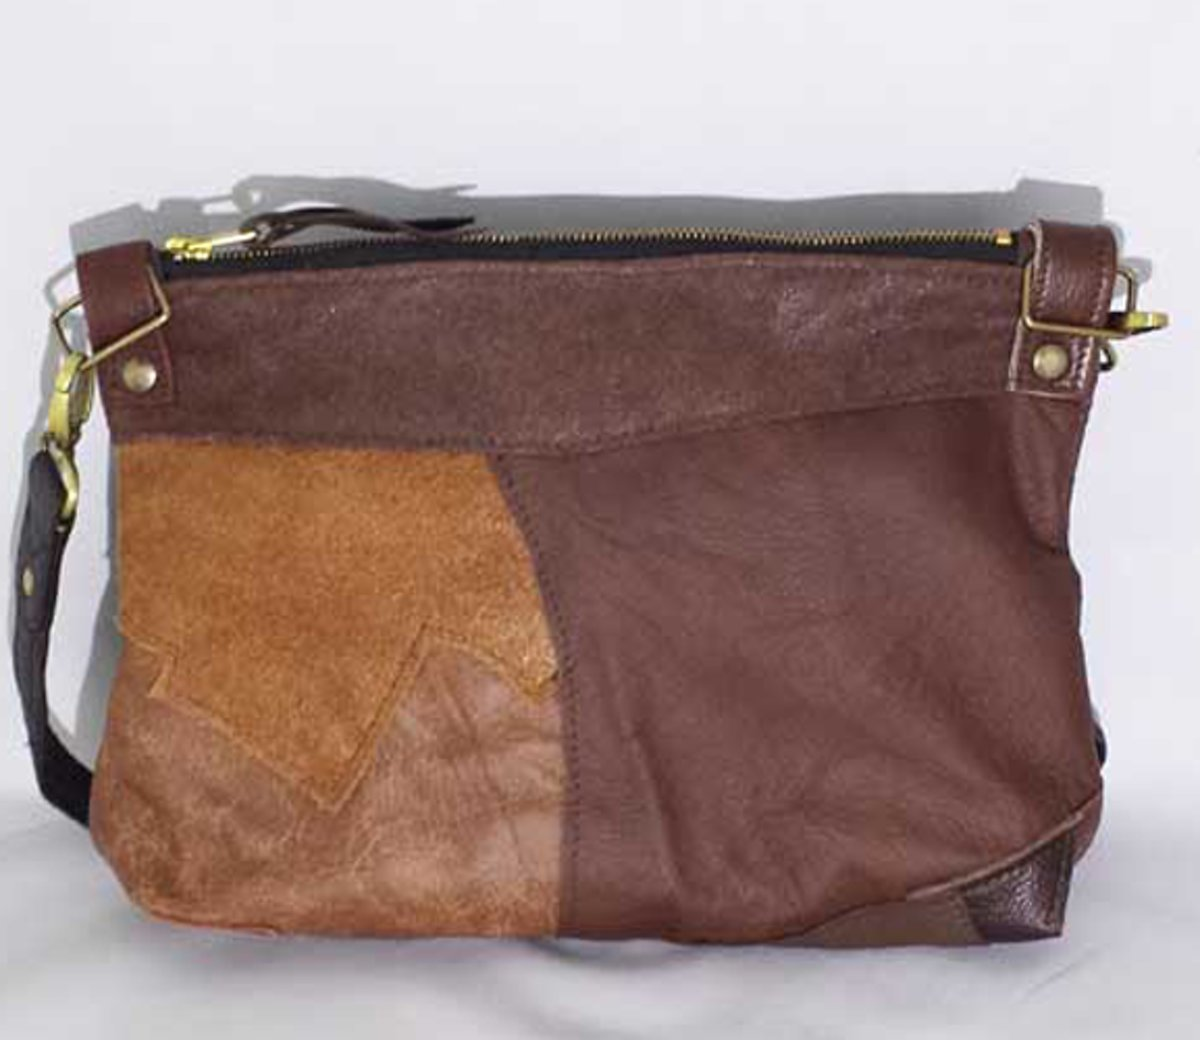 4f2e9232292 bol.com | Toetie & Zo Tas Leer Patchwork Bruin, handgemaakt, schoudertas,  crossover tas, heuptas